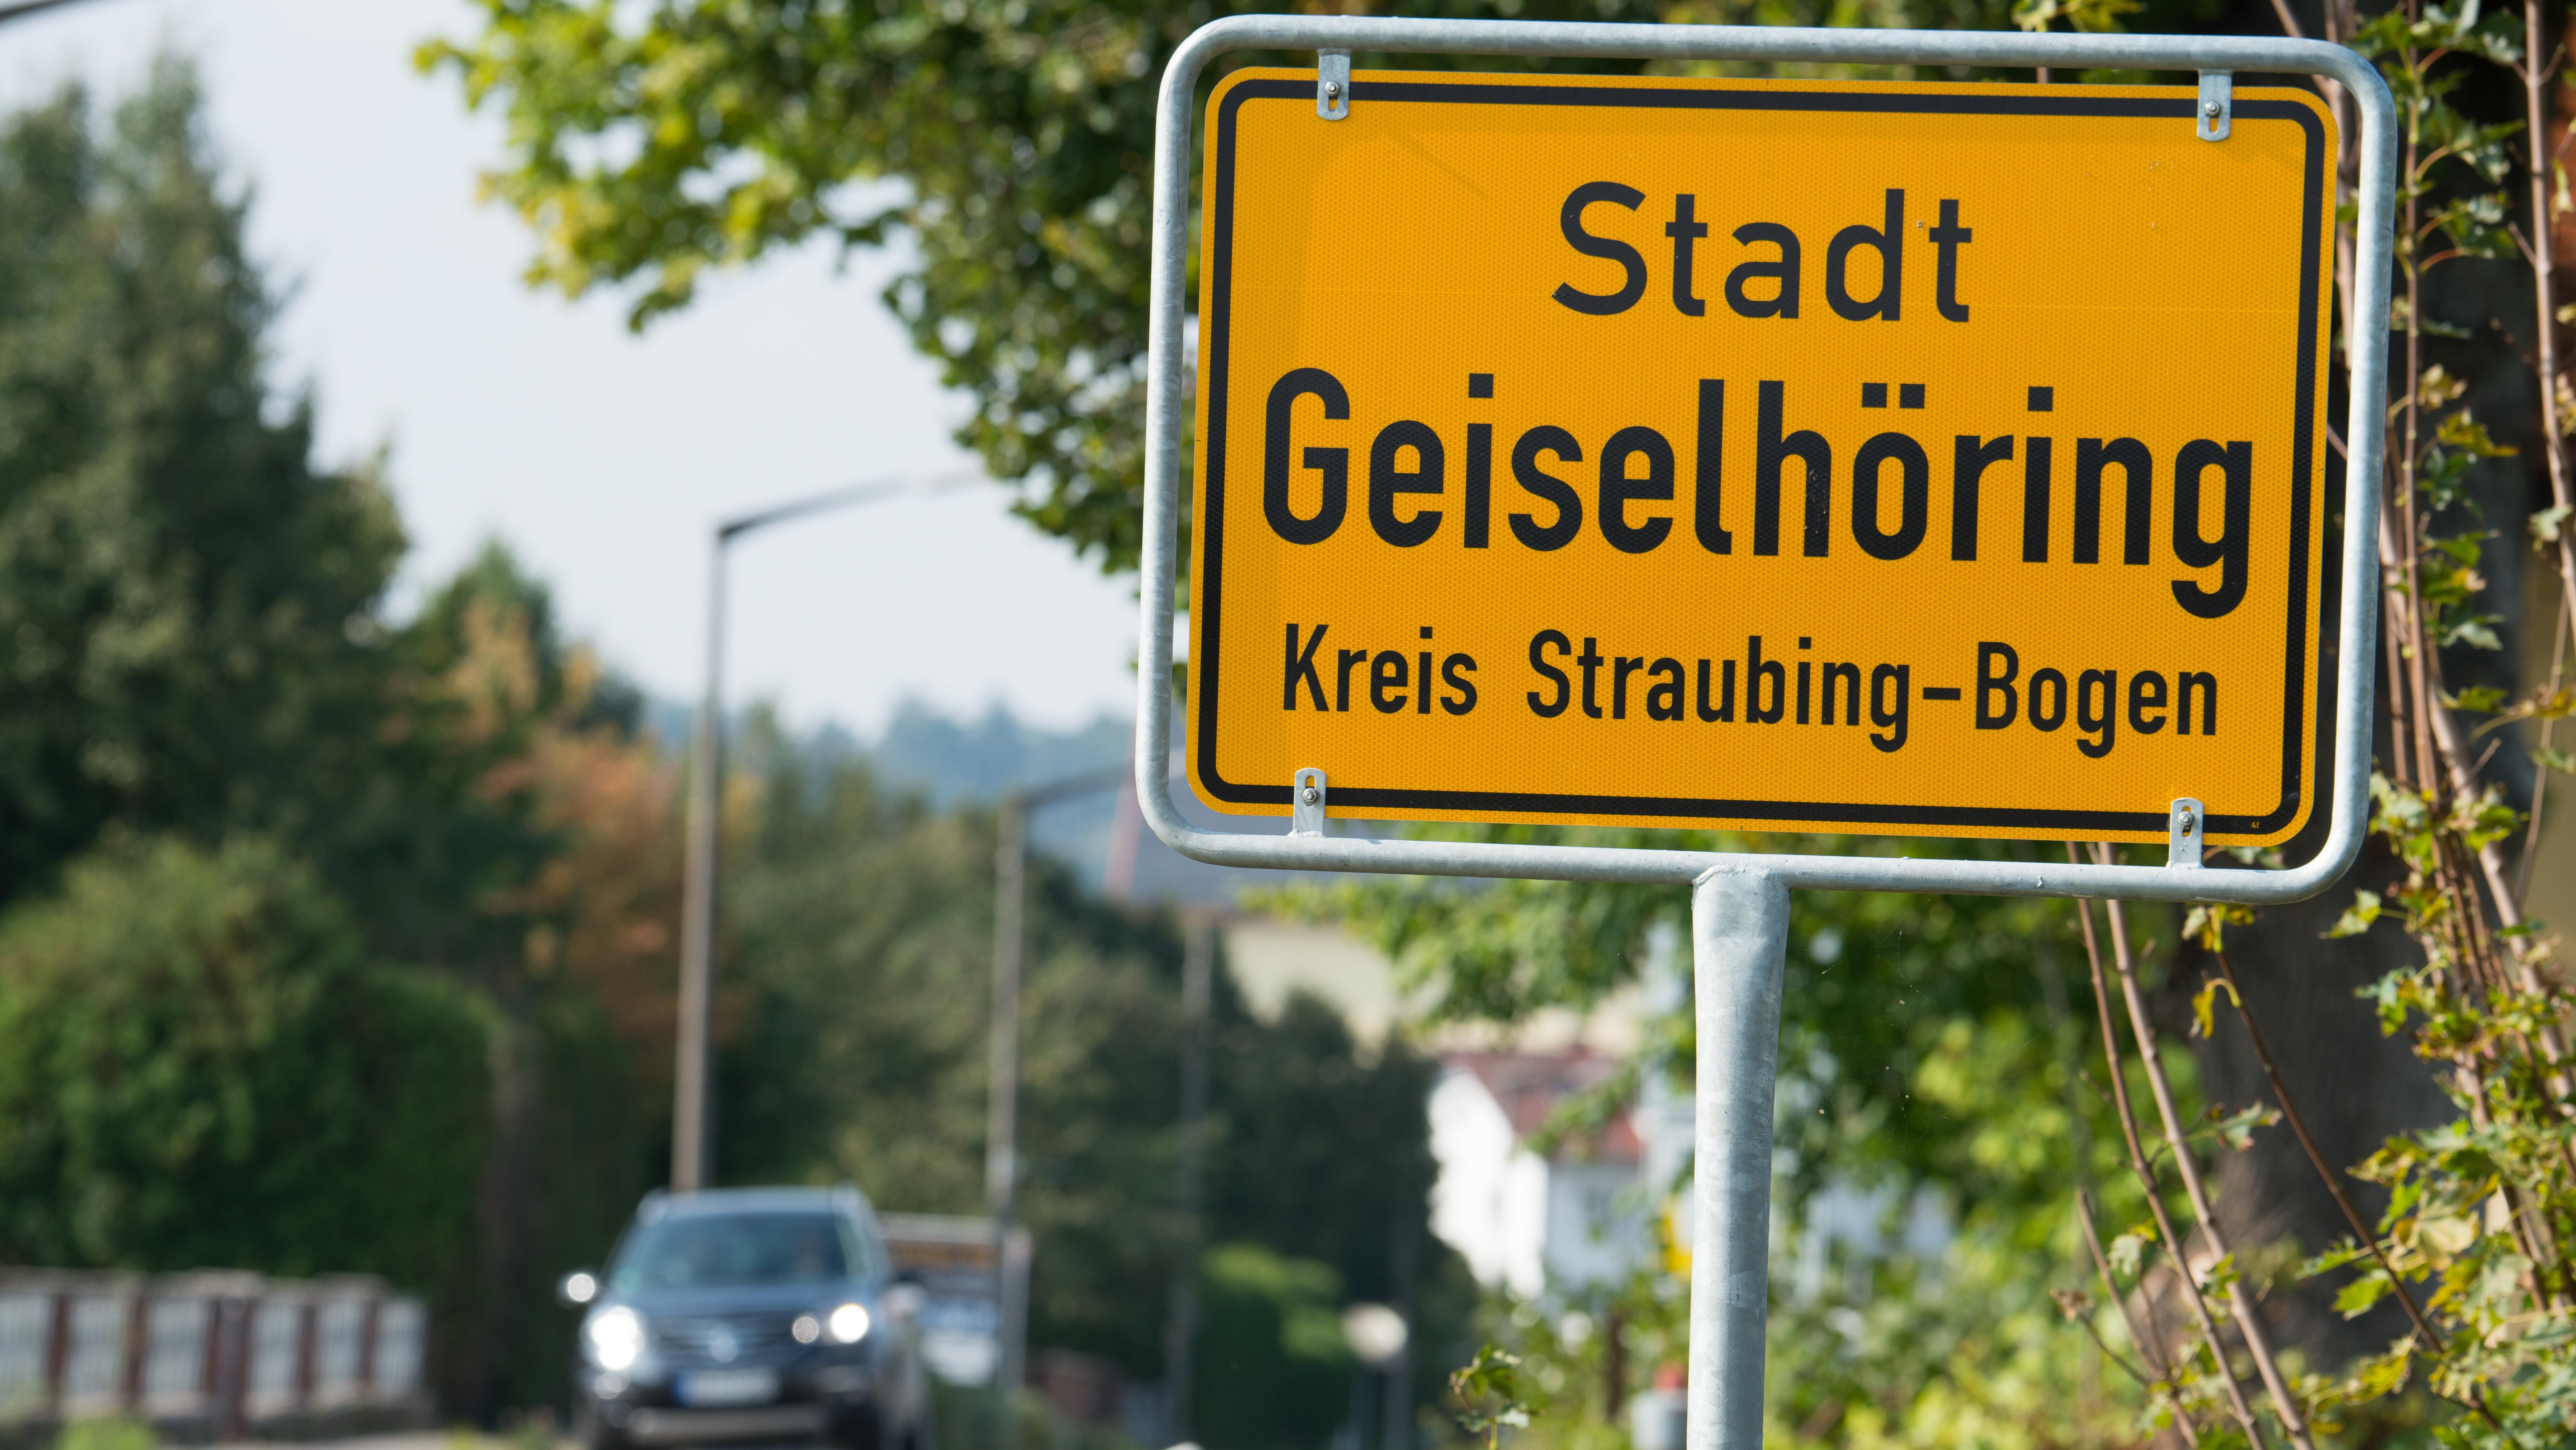 Die Kommunalwahlen 2014 in Geiselhöring mussten wiederholt werden, weil Hunderte Erntehelfer ohne Wahlberechtigung ihre Stimme abgegeben hatten.